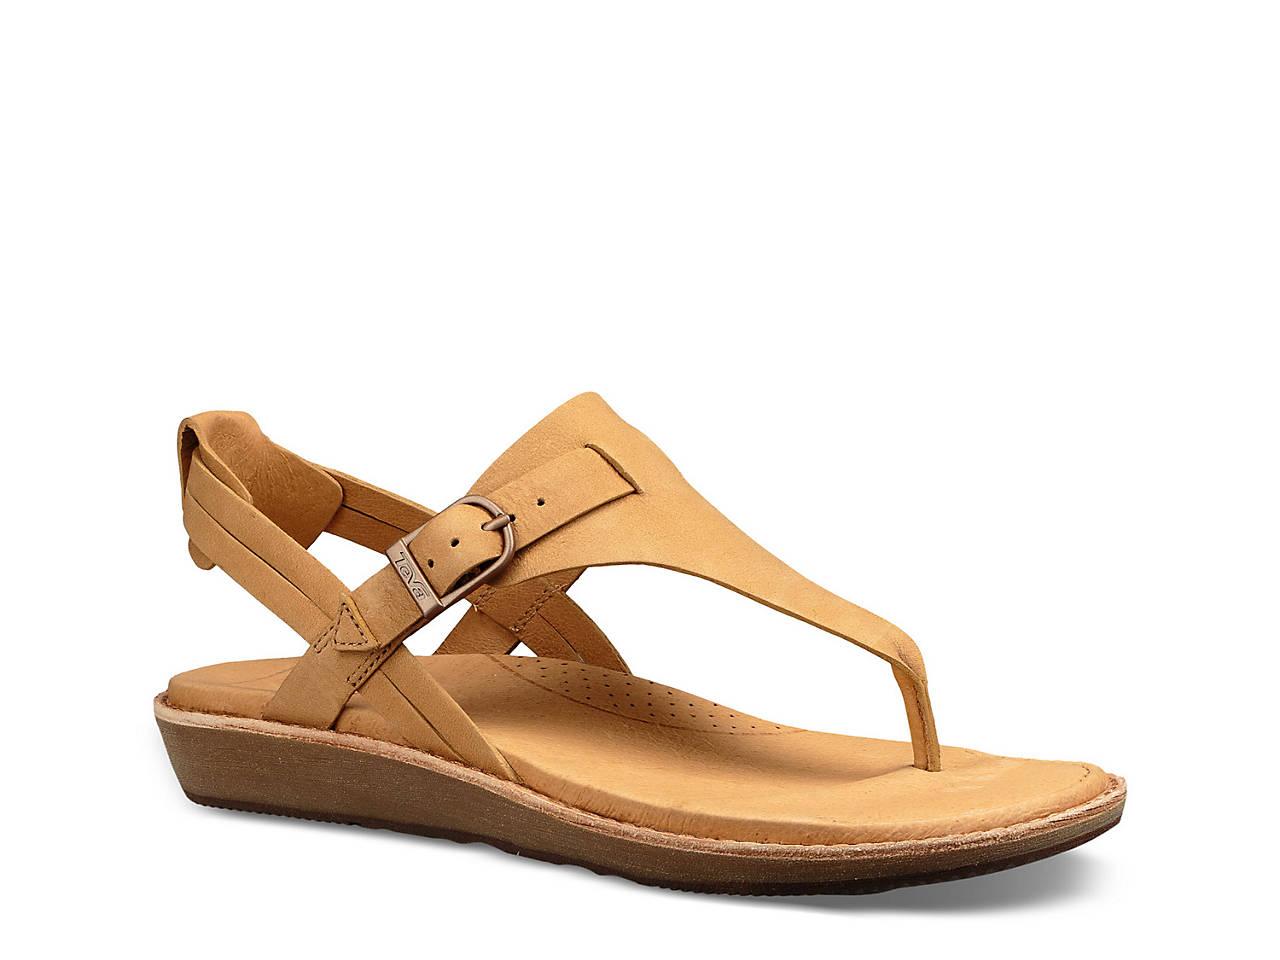 4897a75e2833 Teva Encanta Sandal Women s Shoes